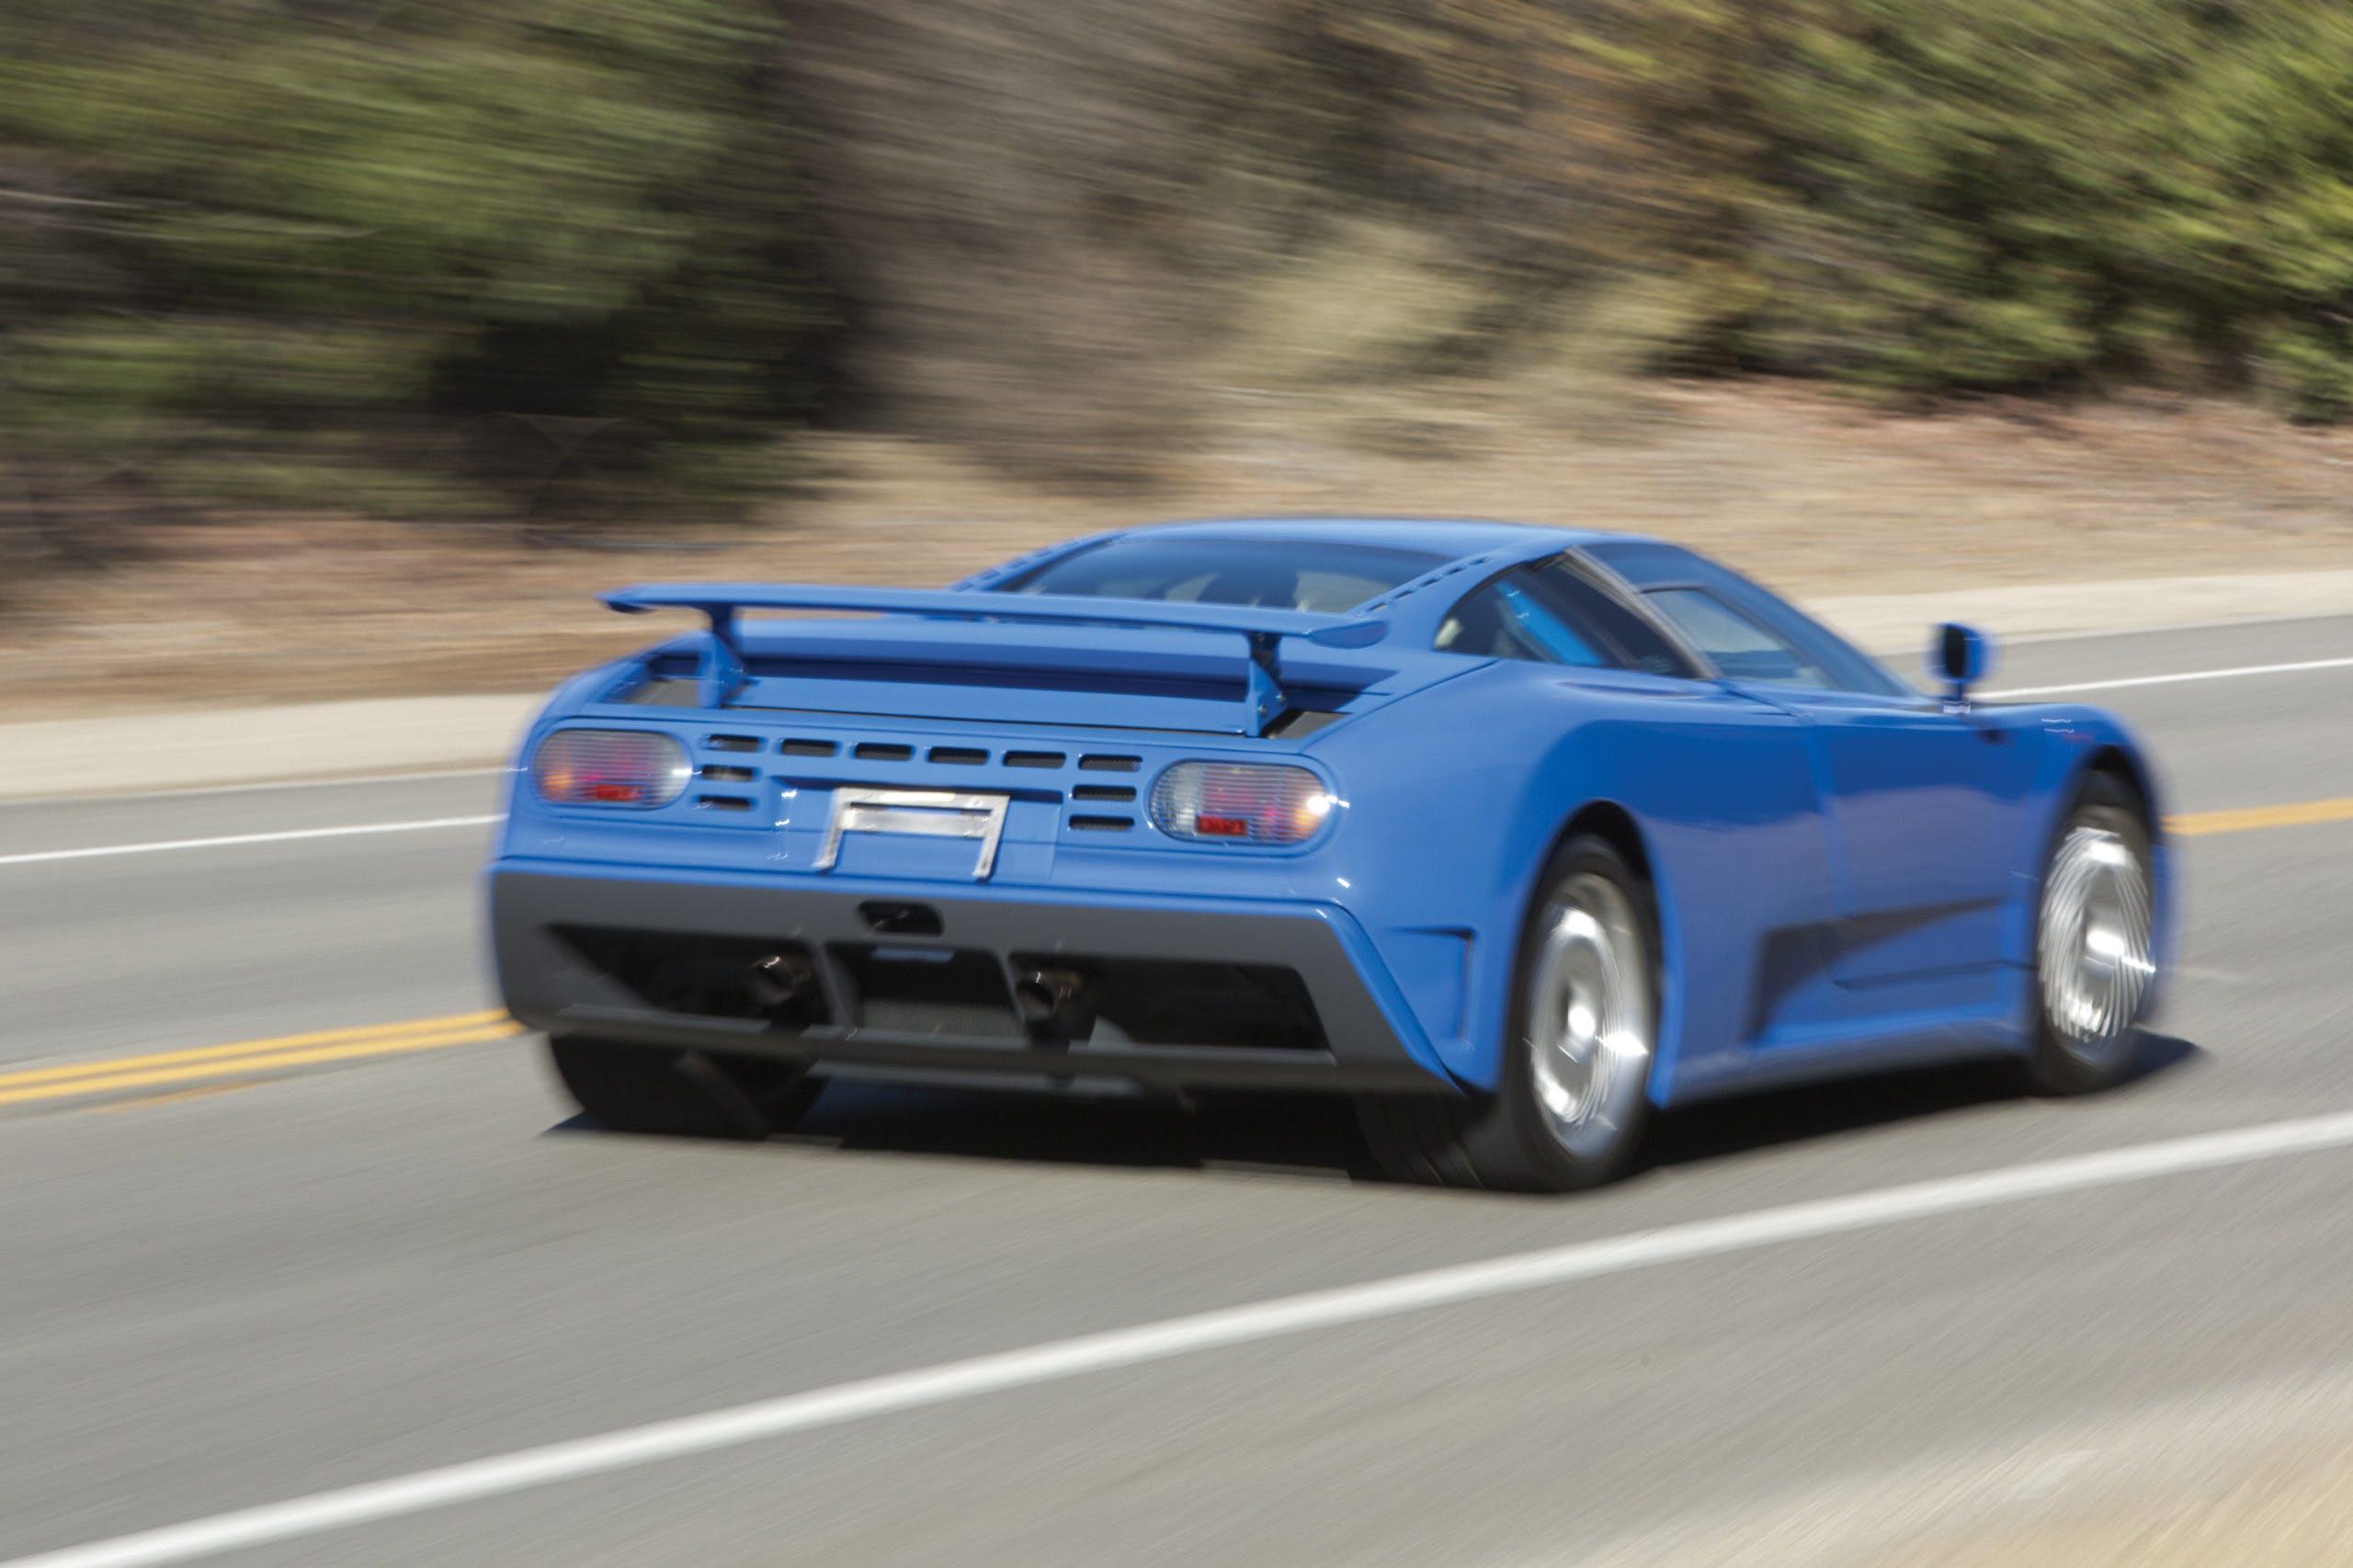 bugatti_eb110_gt blu vista posteriore